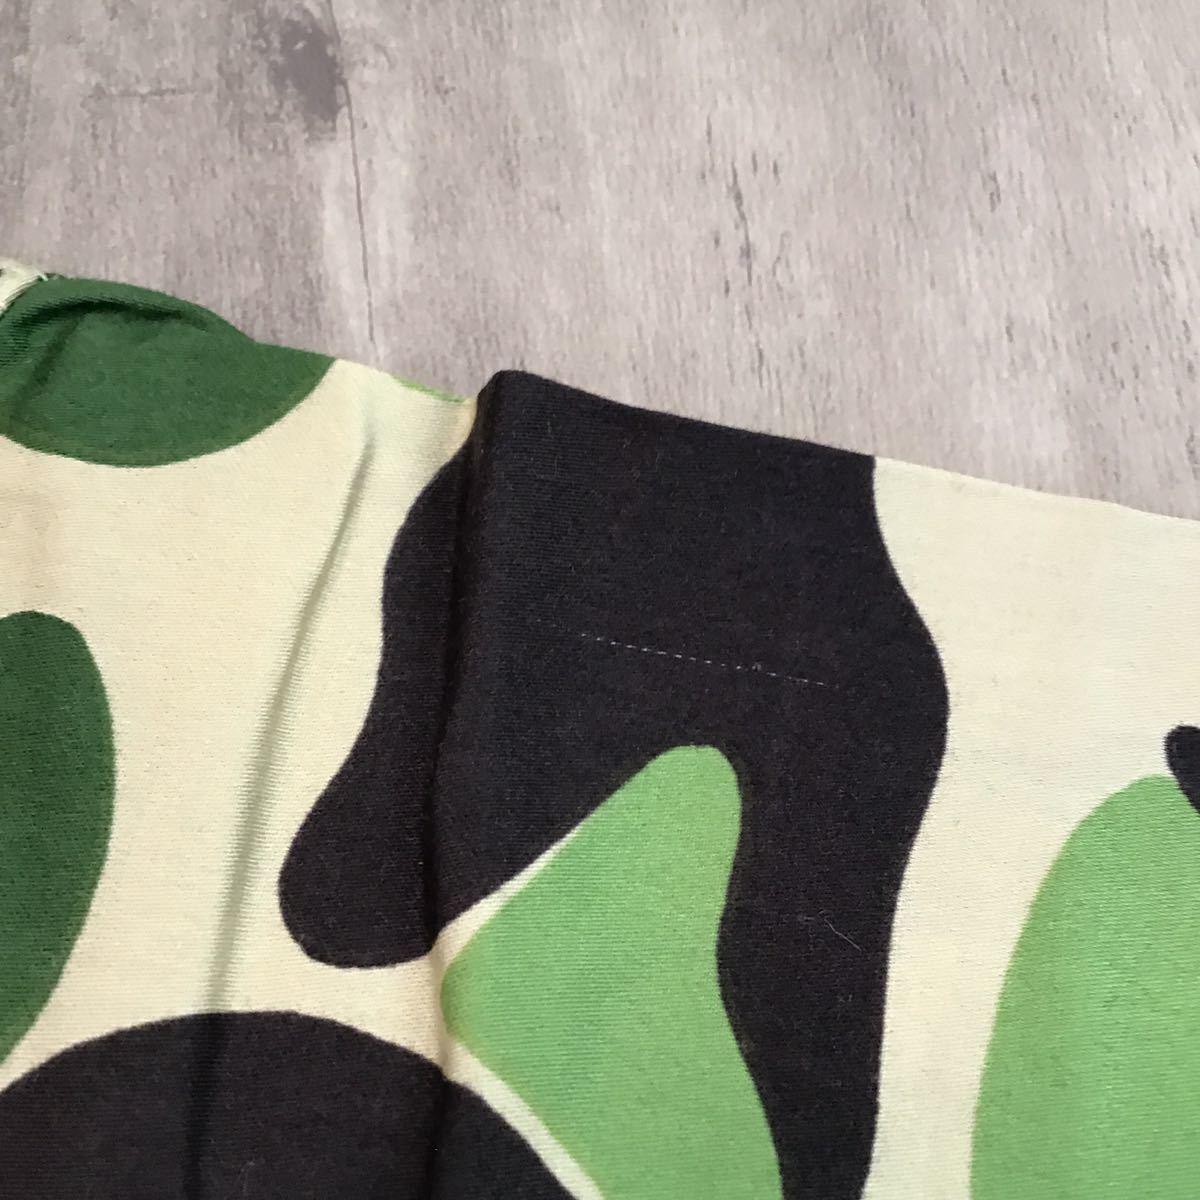 アロハシャツ ABC camo green Sサイズ a bathing ape bape ABCカモ 半袖シャツ エイプ ベイプ アベイシングエイプ 迷彩 aloha shirt 0858